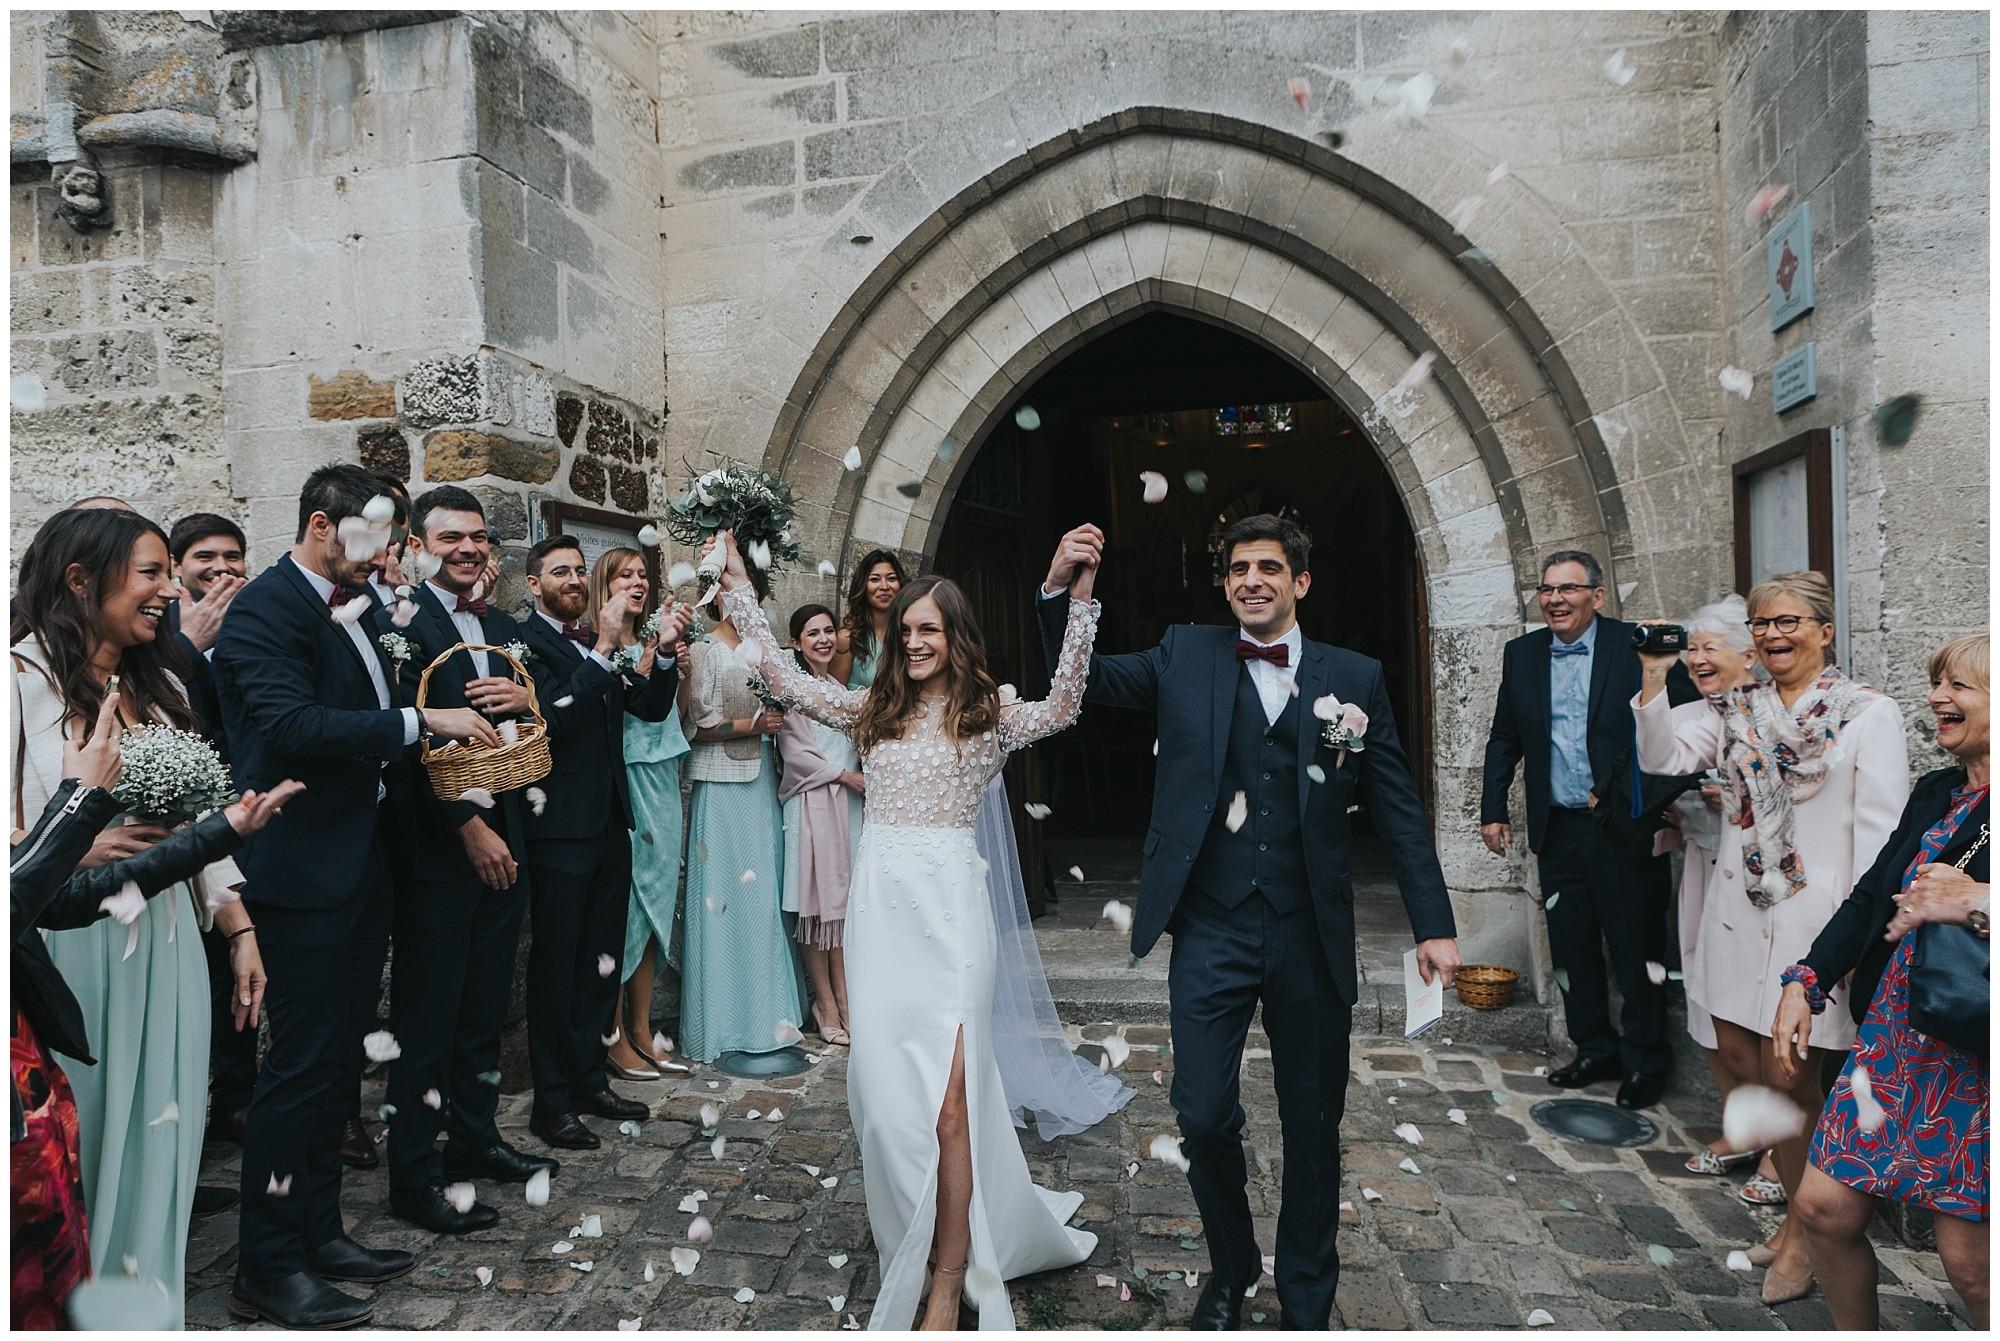 Kateryna-photos-photographer-rouen-domaine-des-evis-mariage-normandie-celebration-sortie-eglise-confettis